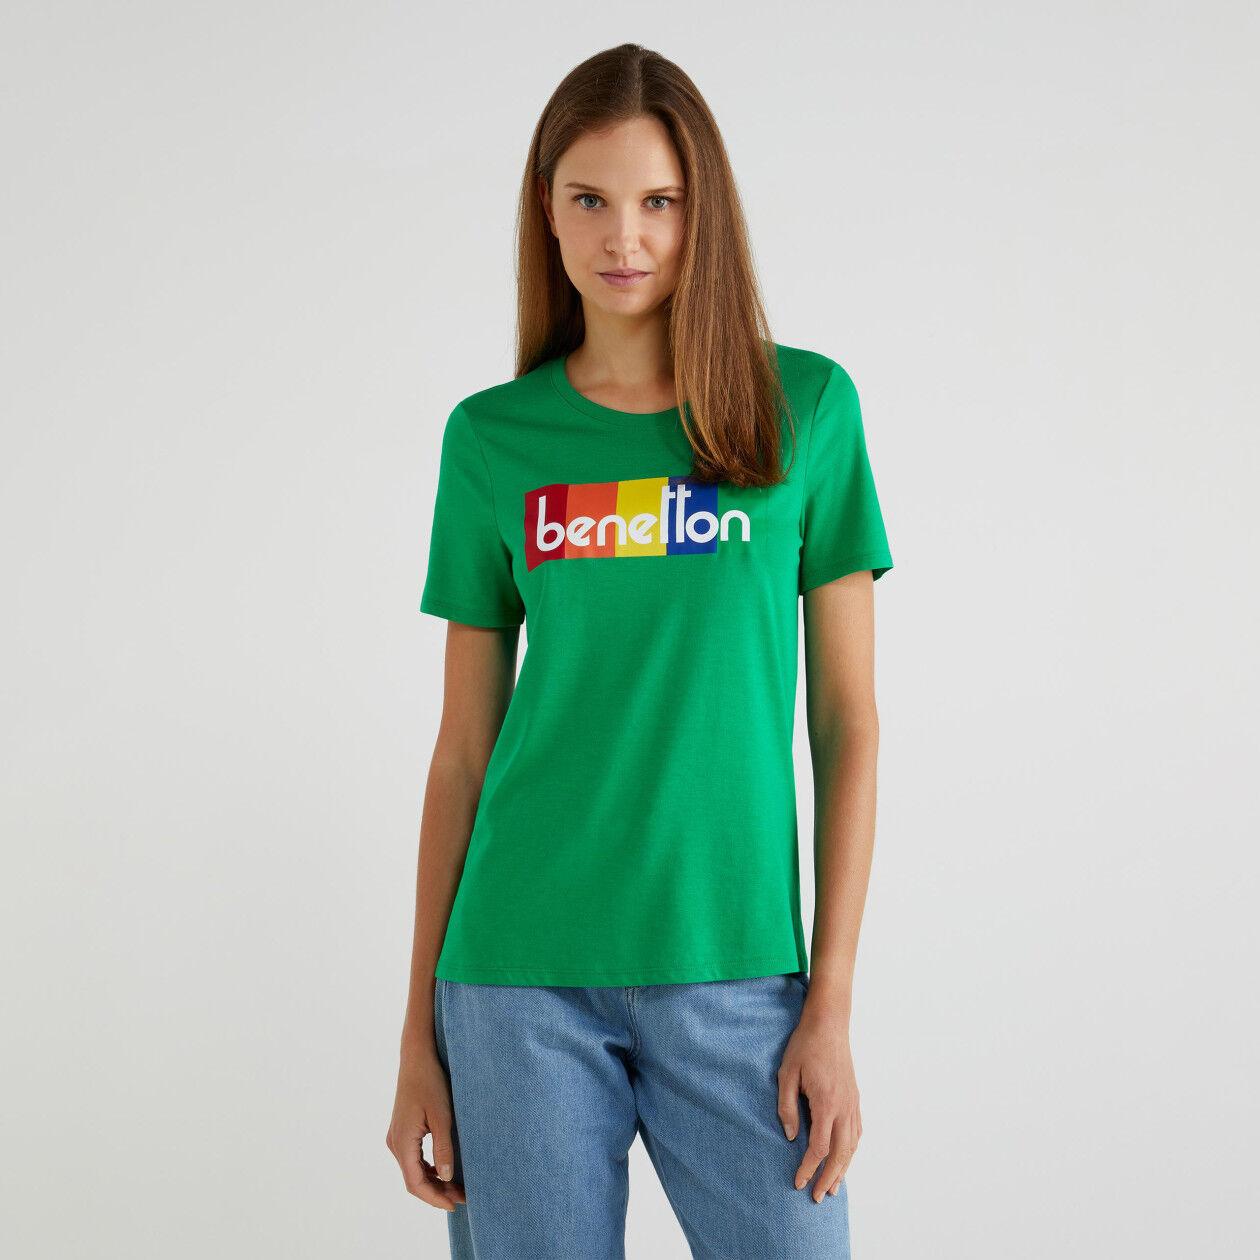 T-shirt κοντομάνικο με λογότυπο